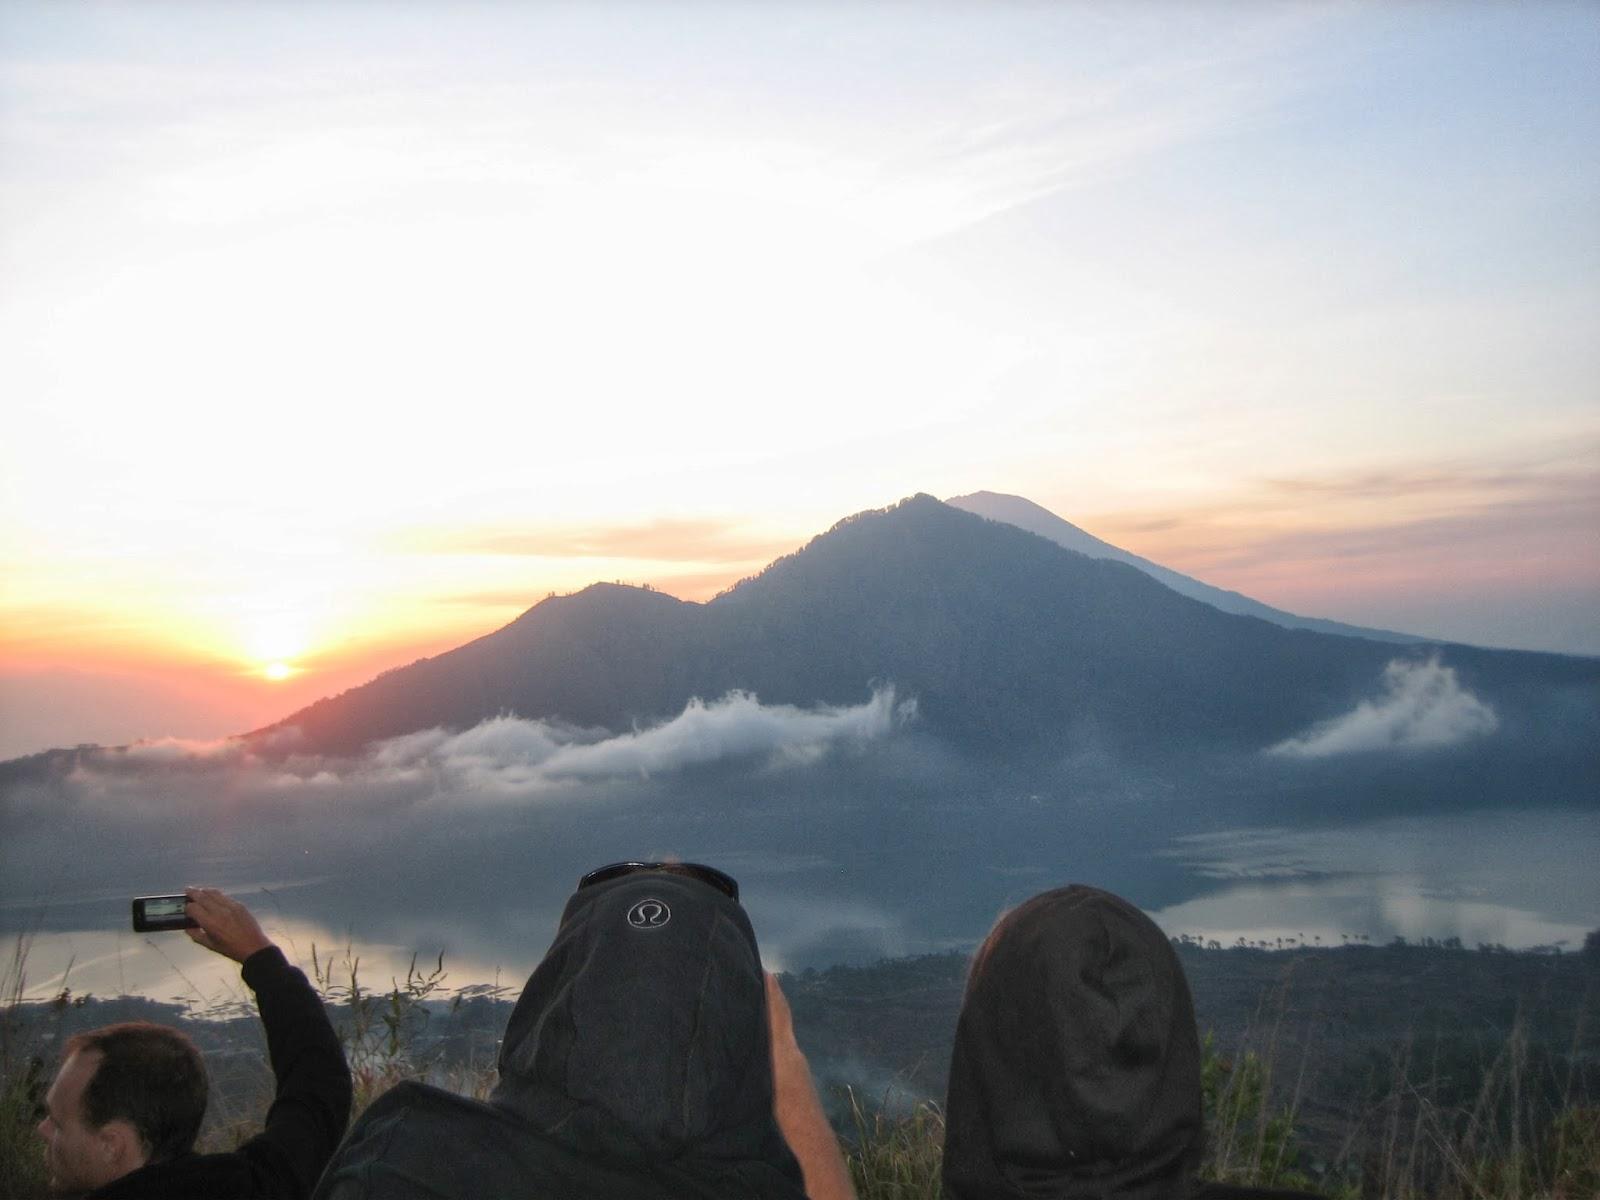 mt-batur-sunrise-hike-bali-lululemon-hiking